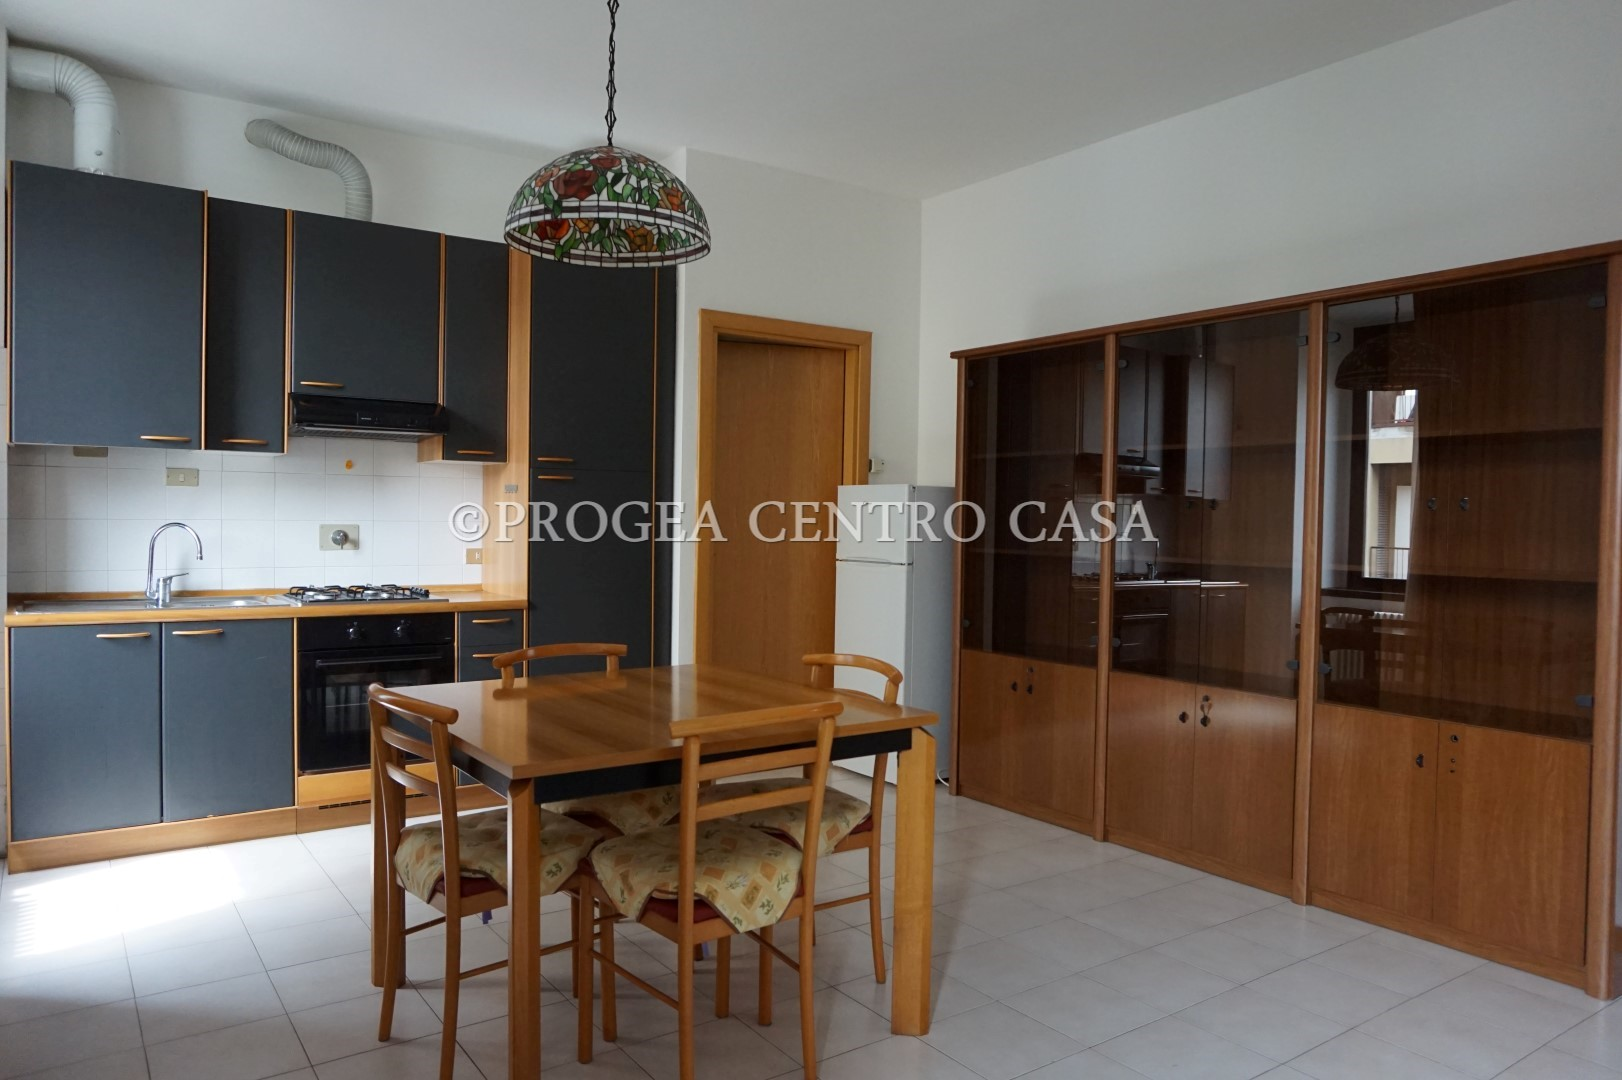 Bilocale in affitto a Bergamo via Fantoni